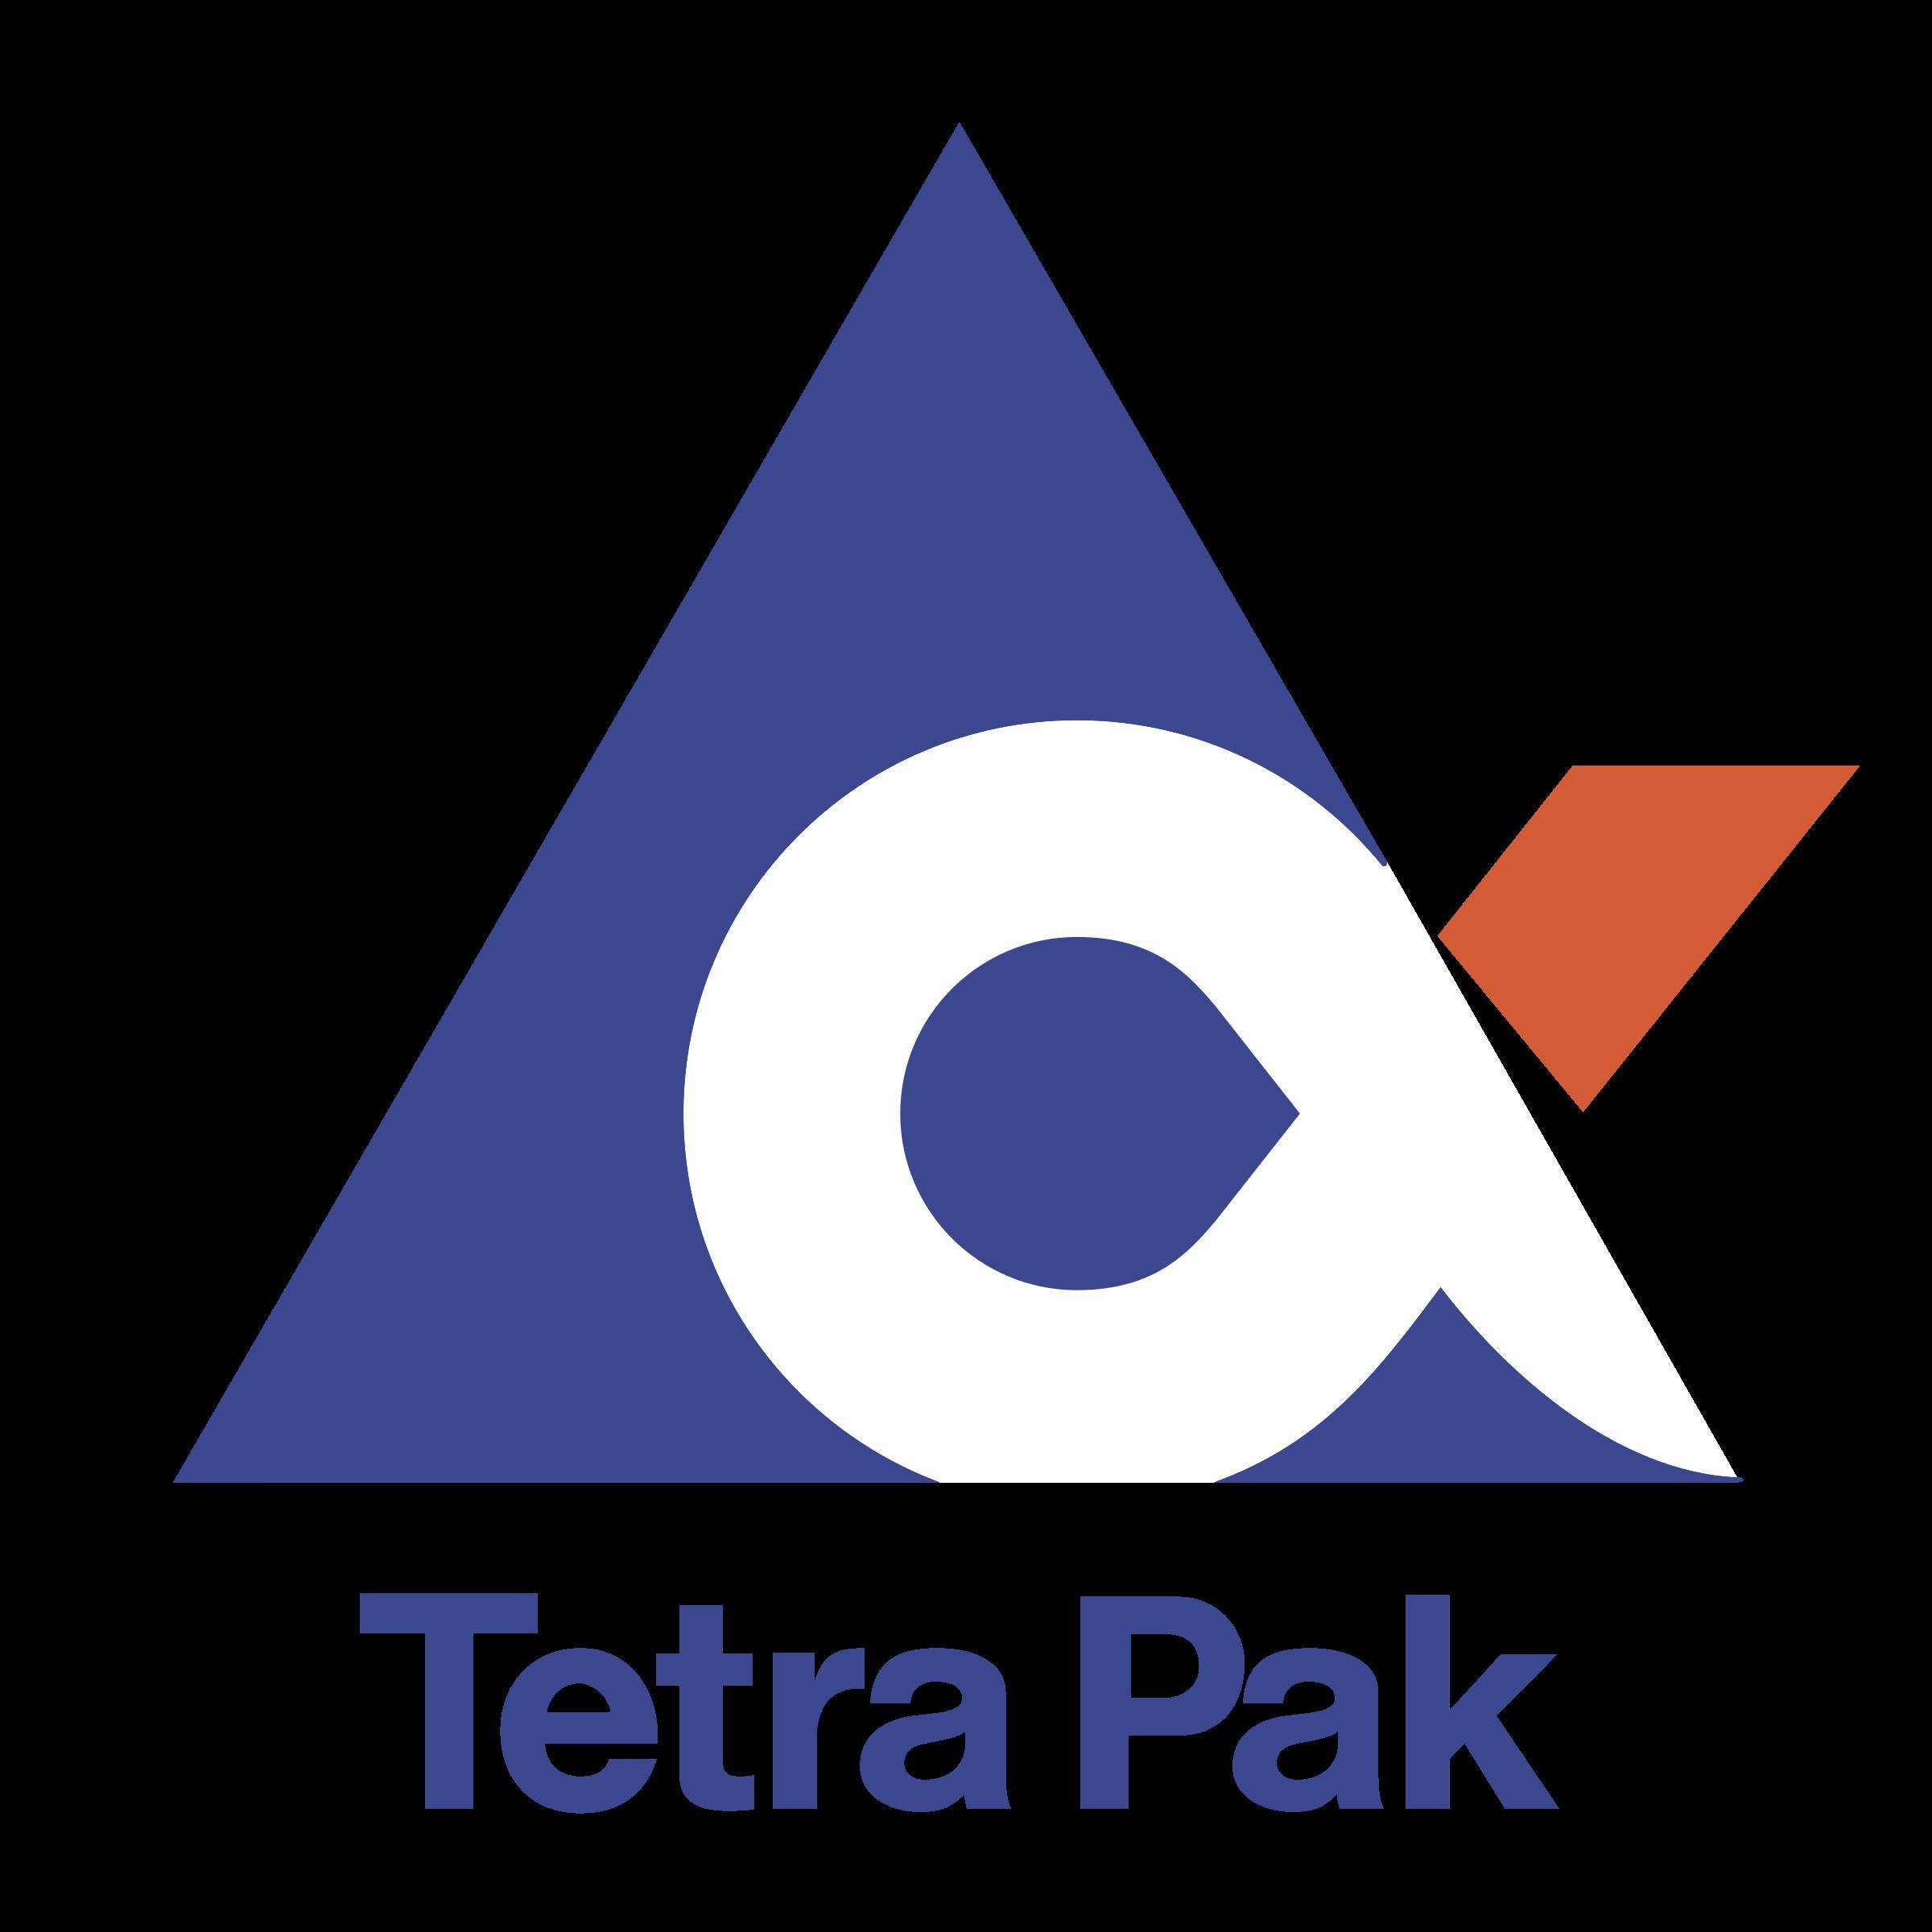 Tetra Pak Logo PNG Transparent & SVG Vector.